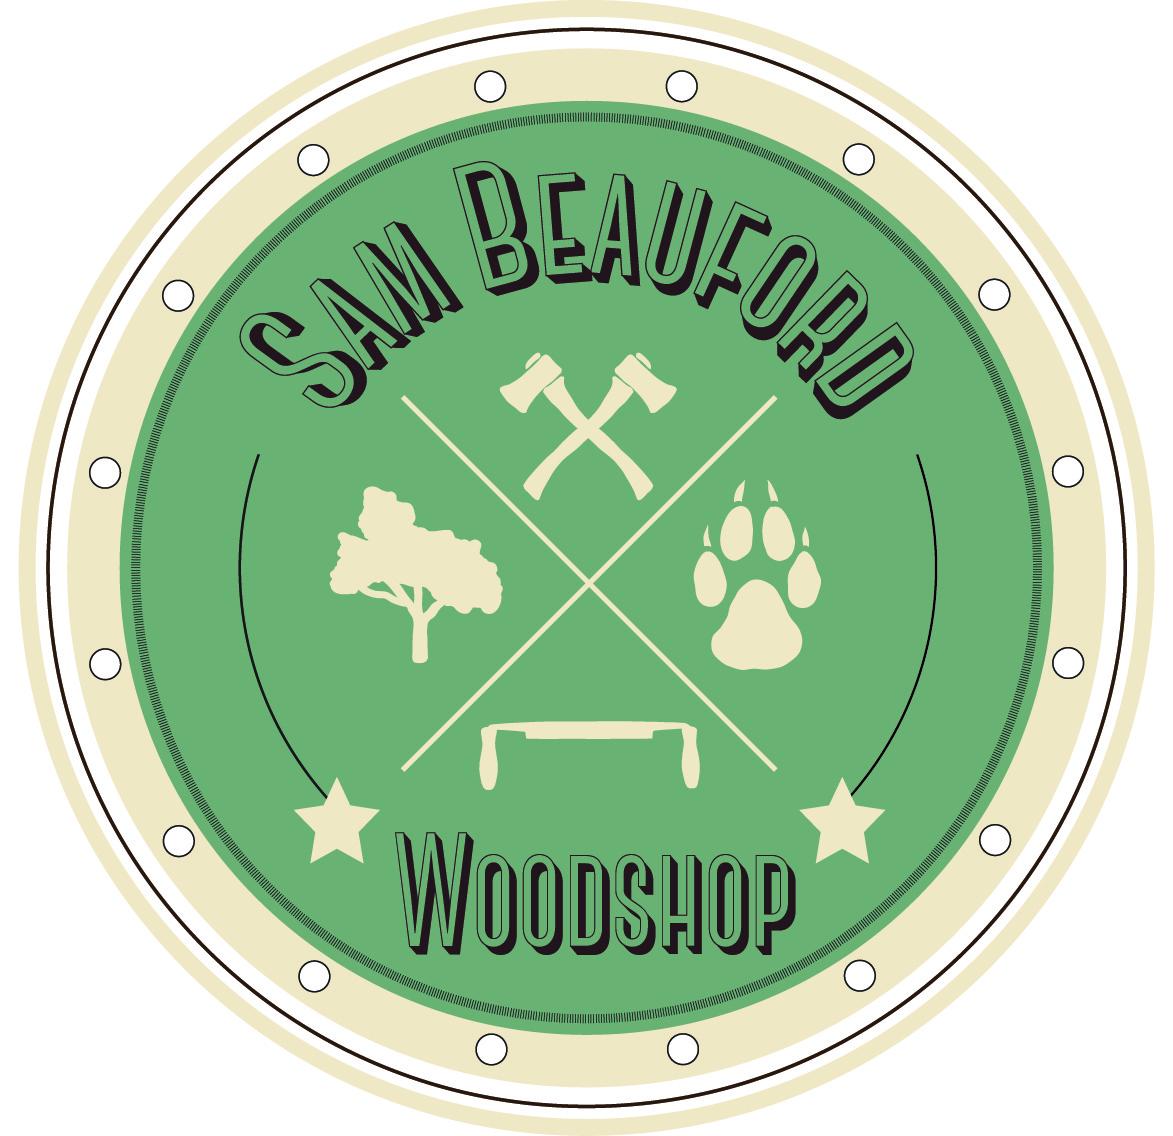 School of Woodworking